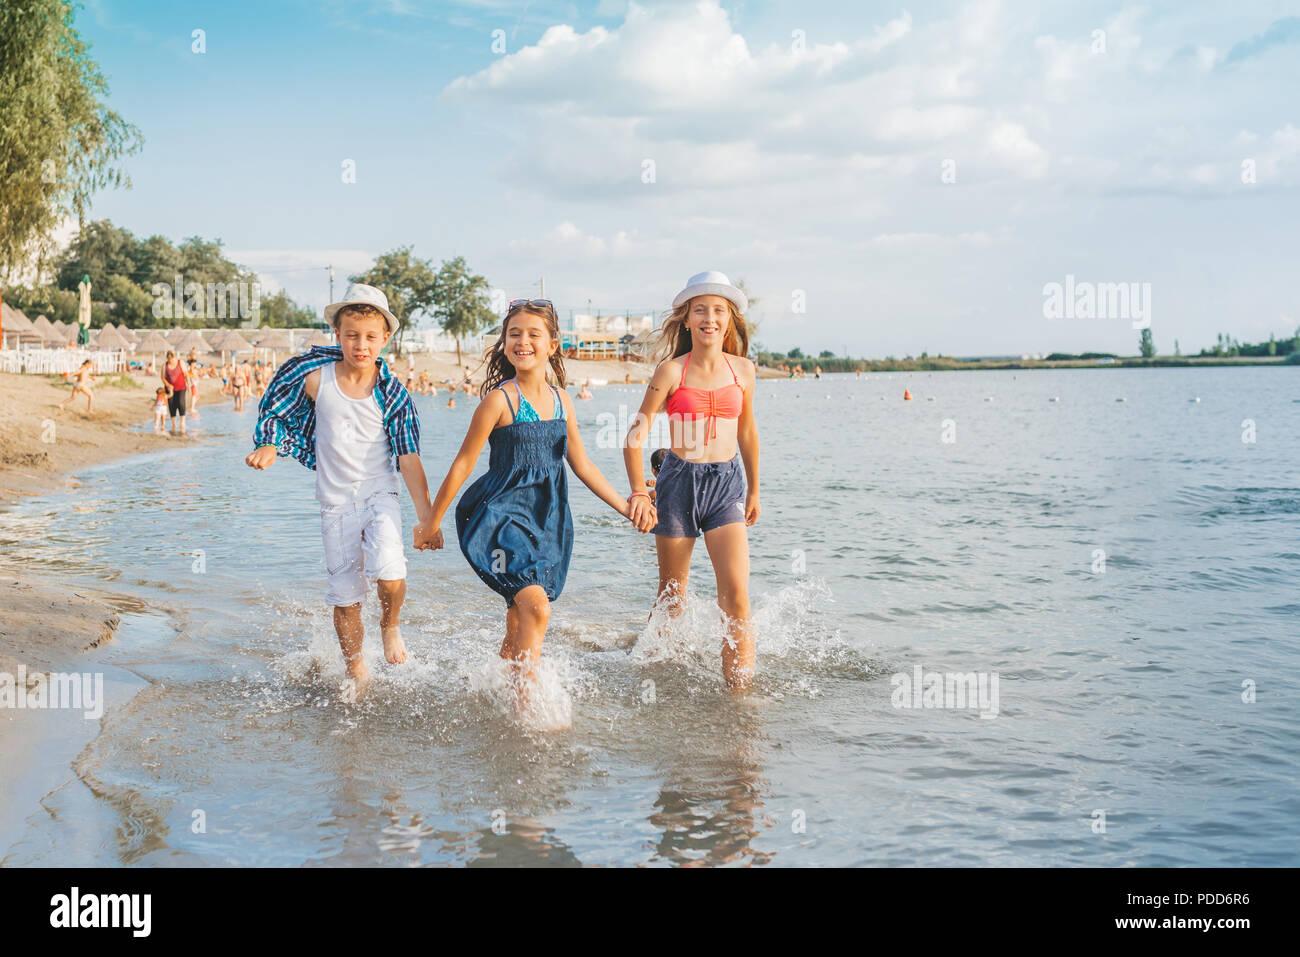 Joyeux Heureux petits enfants jouant dans la mer, avec plaisir éclaboussant l'eau, profitant de vacances d'été sur la plage resort, voyages et tourisme c Photo Stock